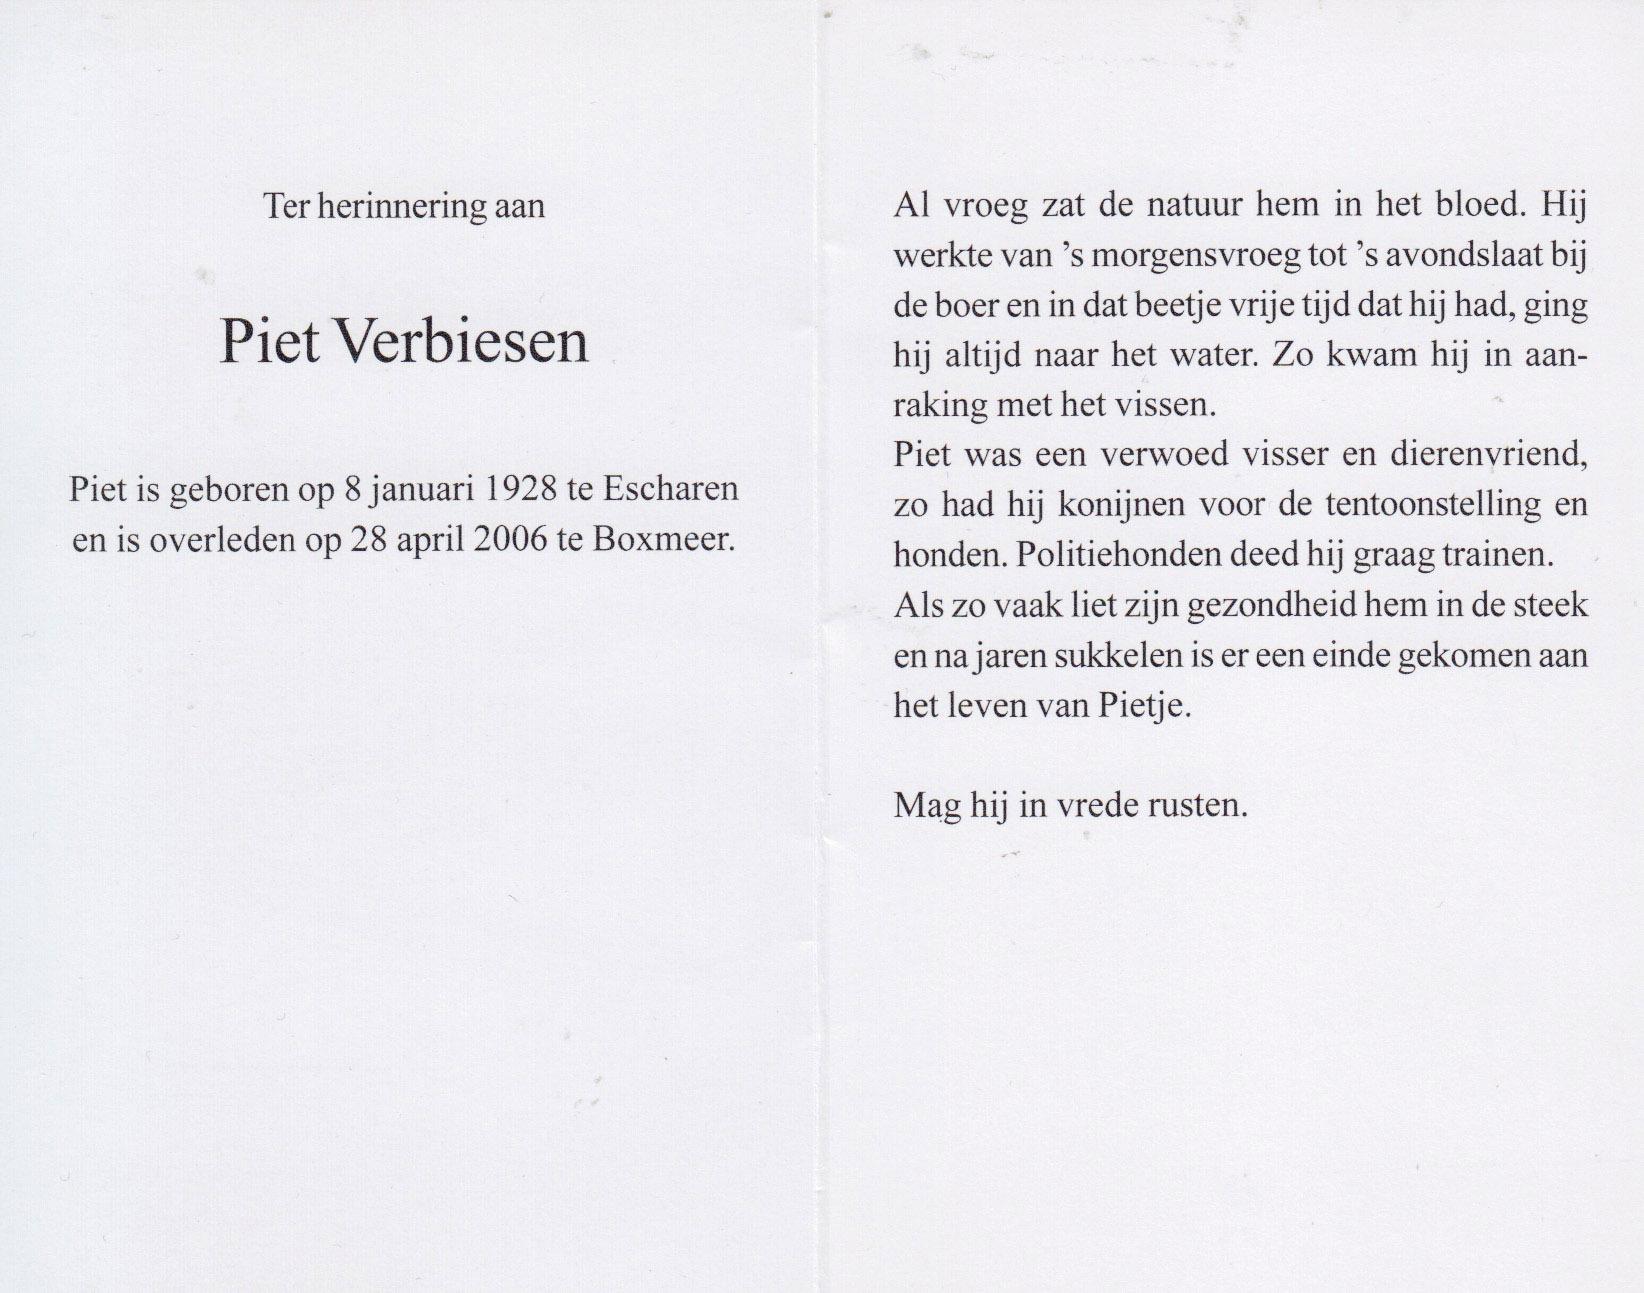 Bidprentje Piet Verbiesen